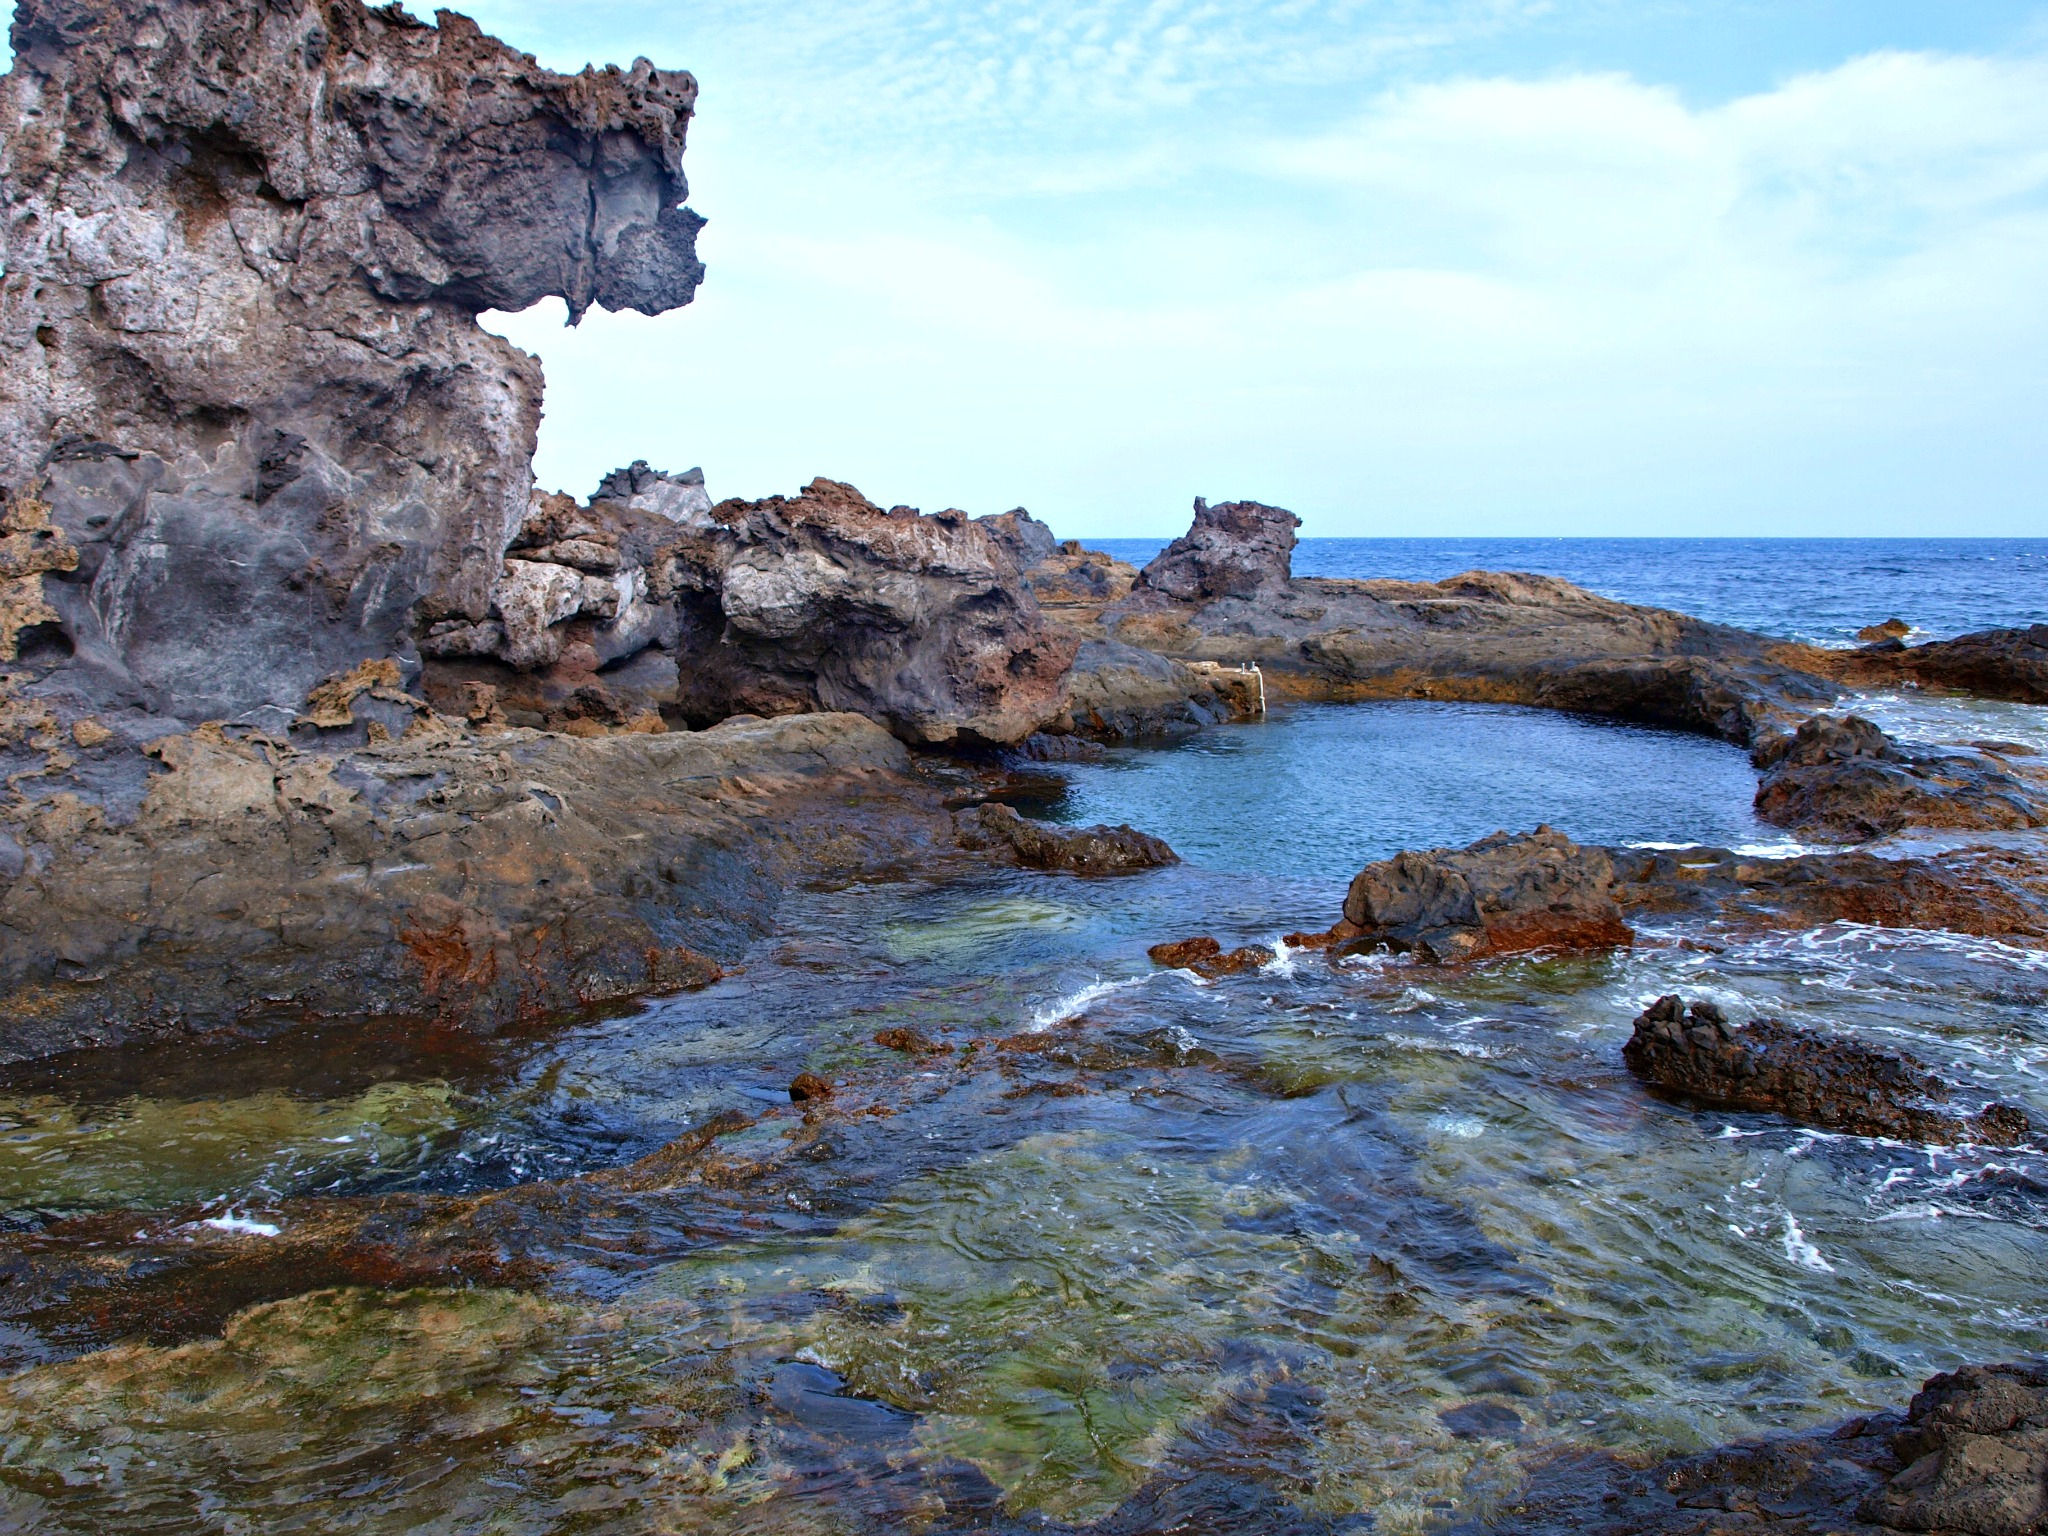 Piscines Naturelles De Tenerife | A Global Culture encequiconcerne Piscine Naturelle Tenerife